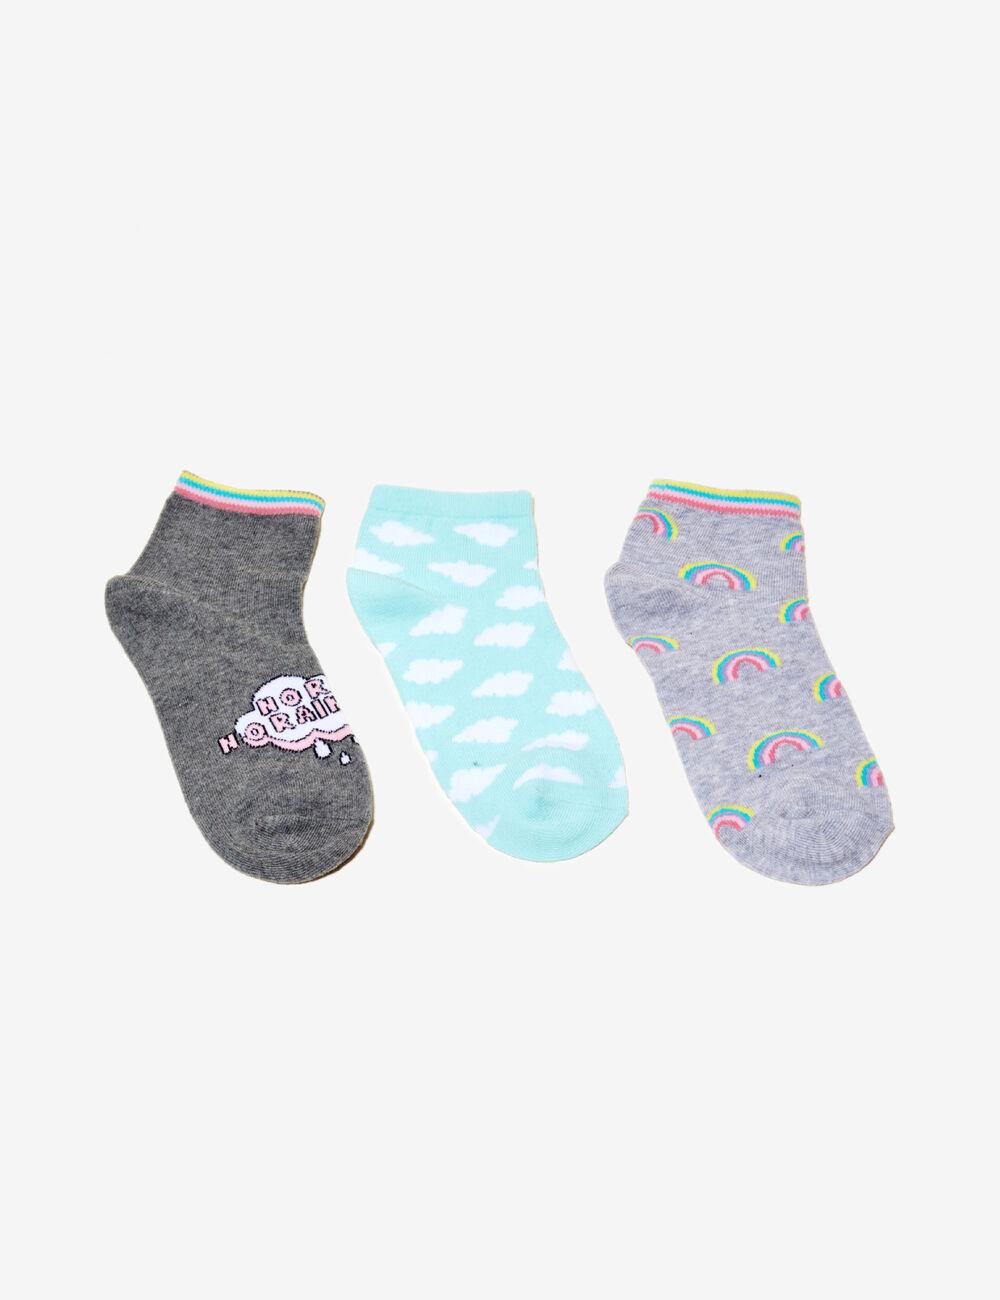 chaussettes fantaisies gris chin et mutlicolore femme. Black Bedroom Furniture Sets. Home Design Ideas